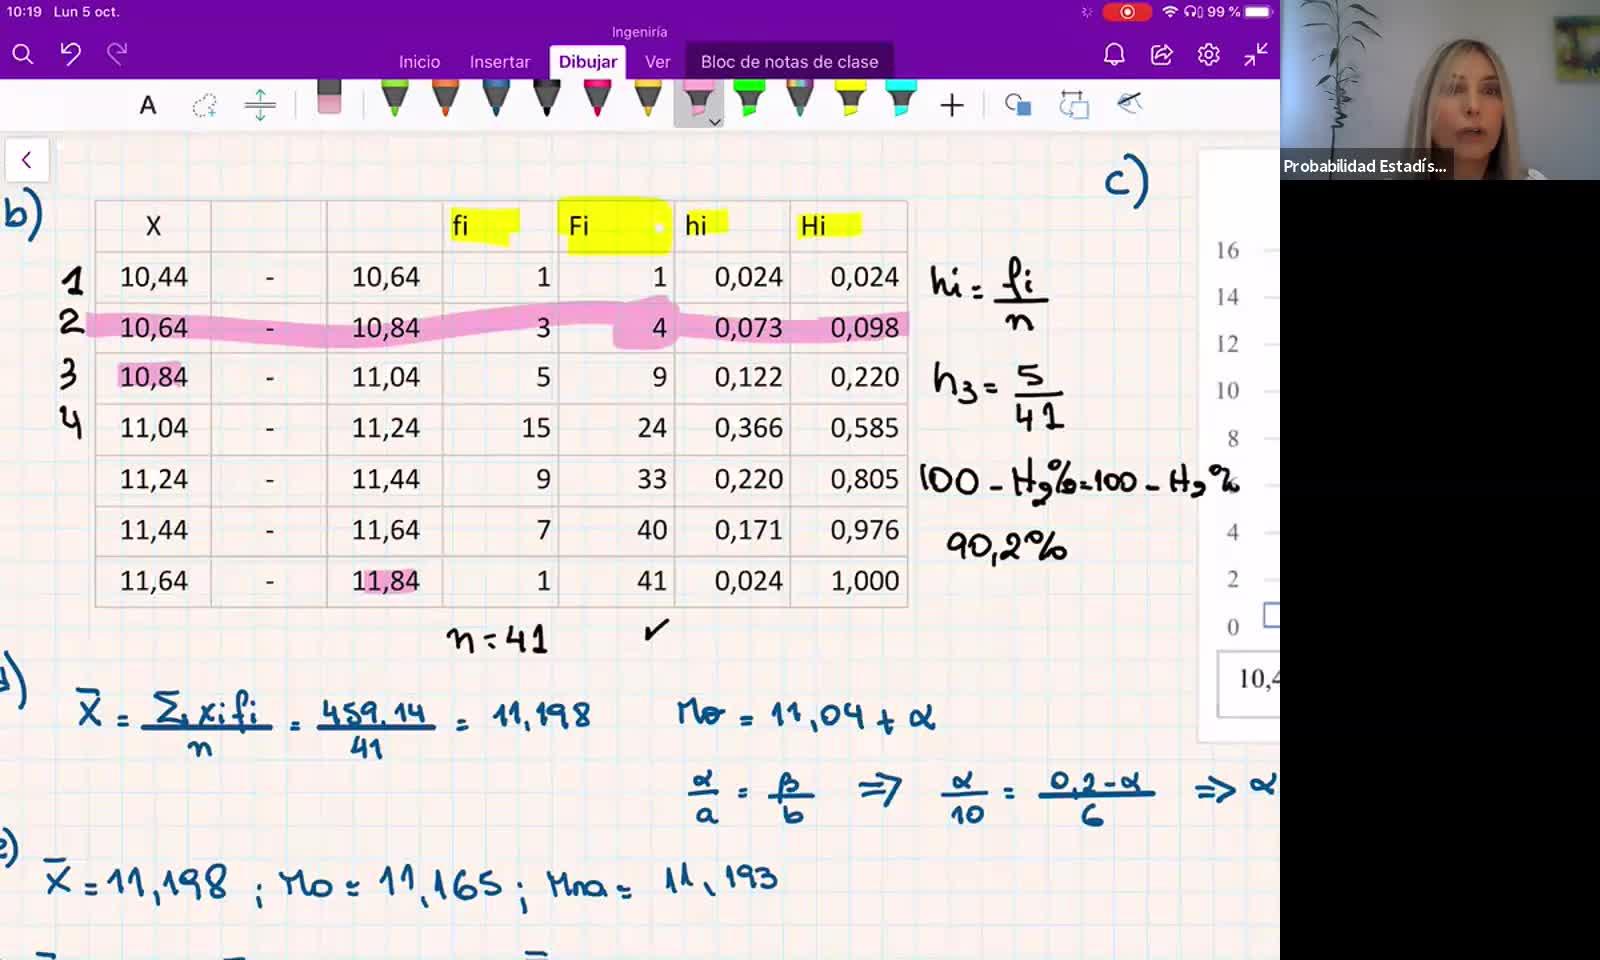 INGENIERÍA, Probabilidad y Estadística, REPASO 1er Parcial - resolución parcial viejo, Práctica, Prof. Haique